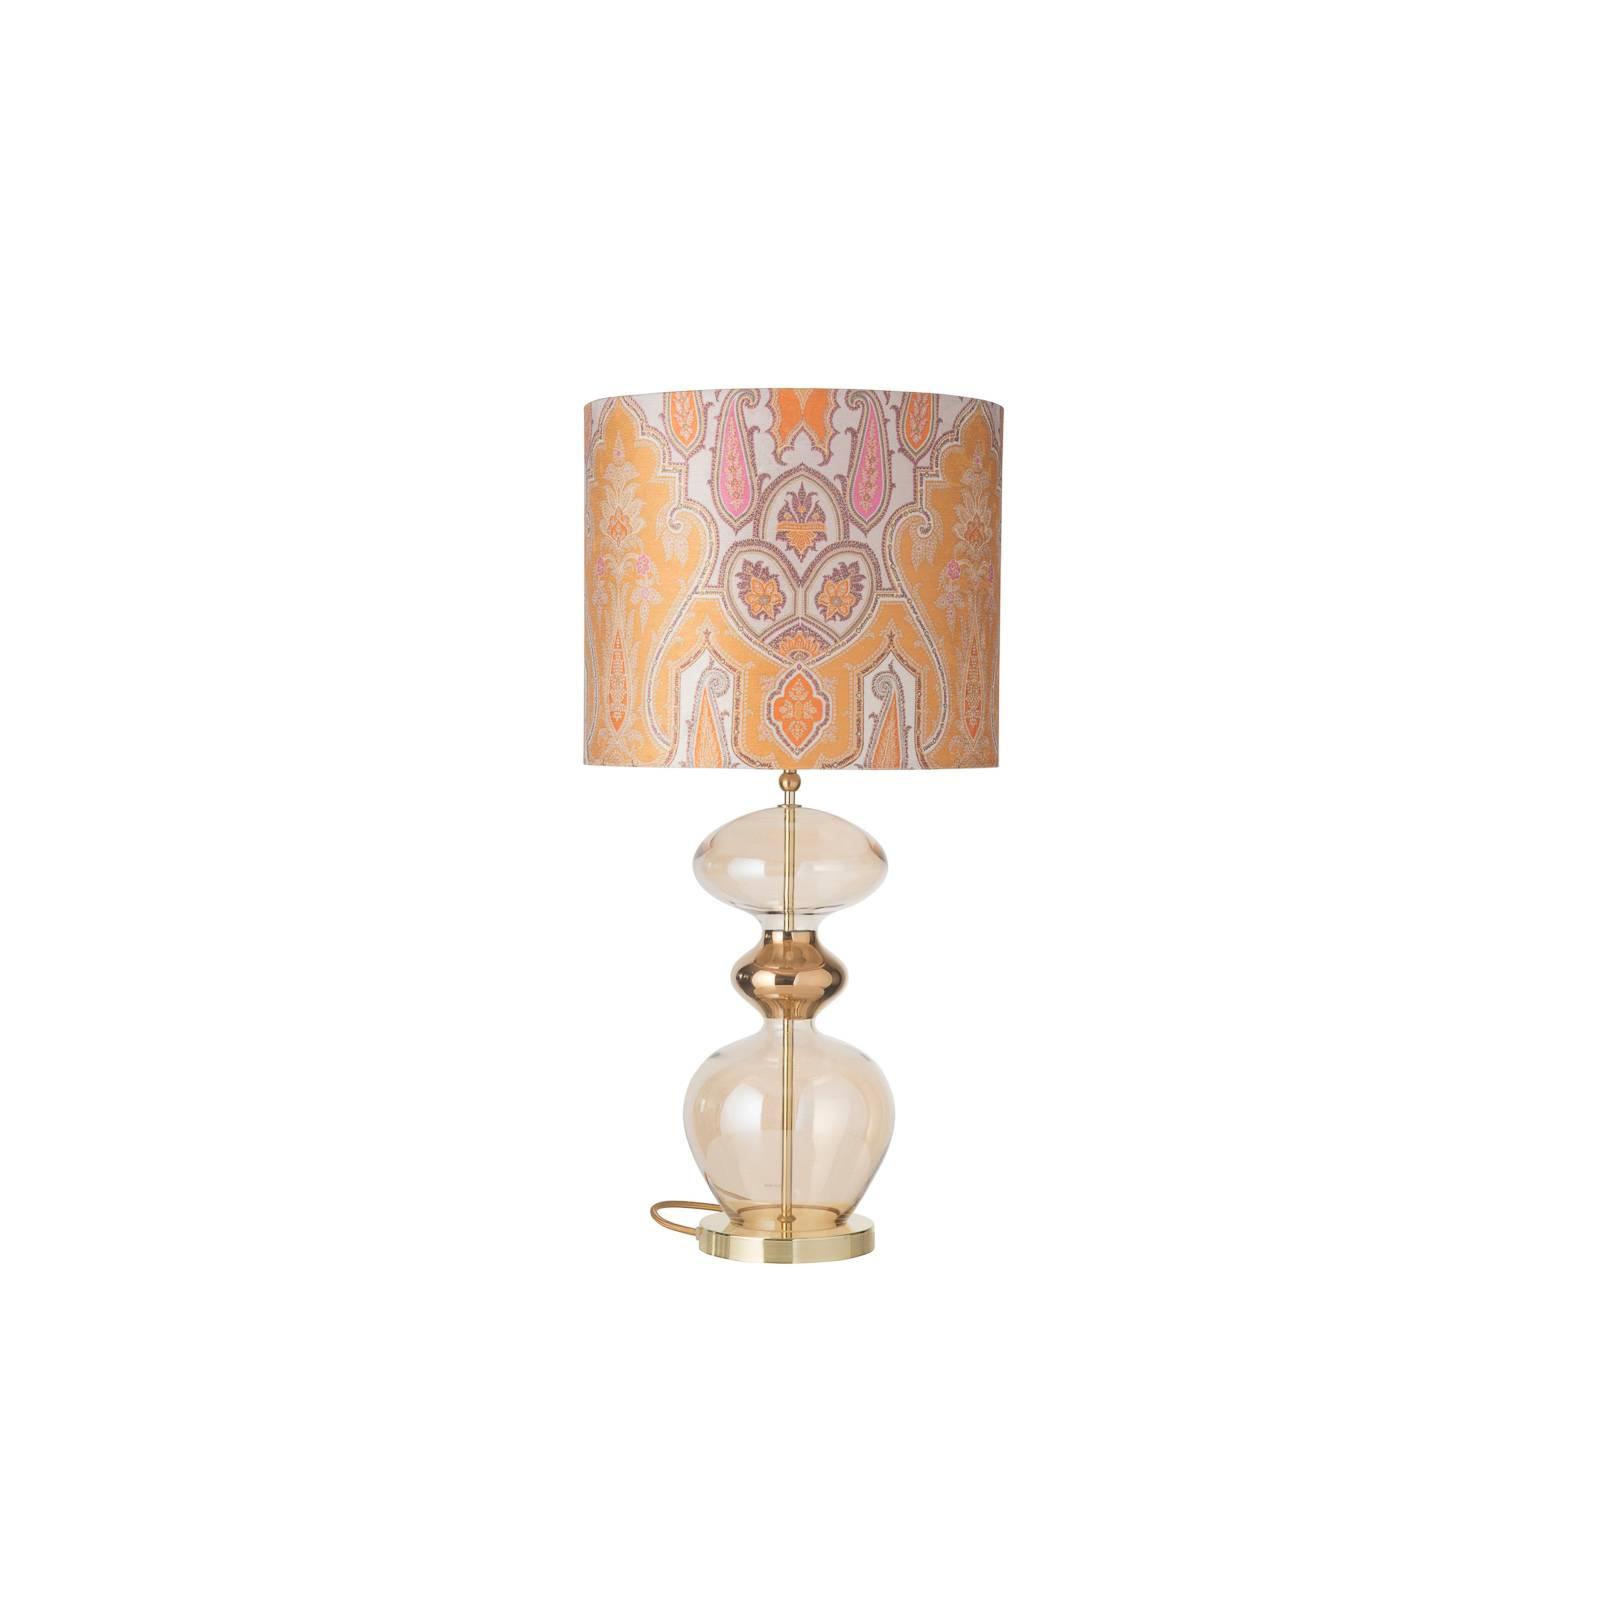 EBB & FLOW Futura Tischlampe, Brocade yellow/pink günstig online kaufen